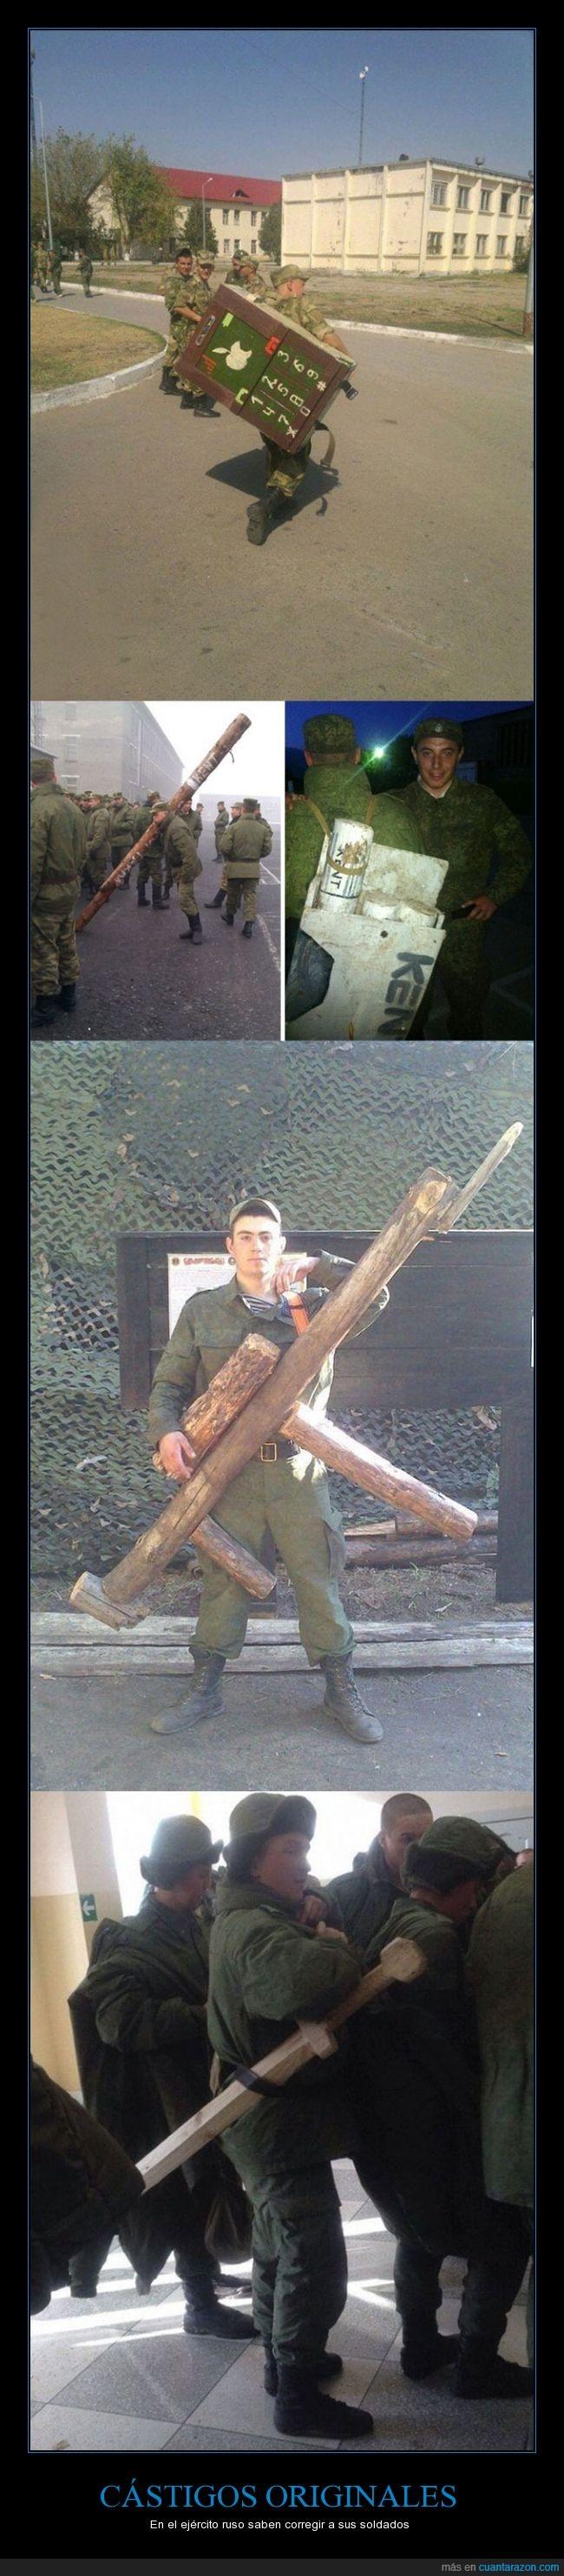 cástigos,con el móvil,ejército ruso,el Iphone está currado,fumando,originales,pillados,sin permiso